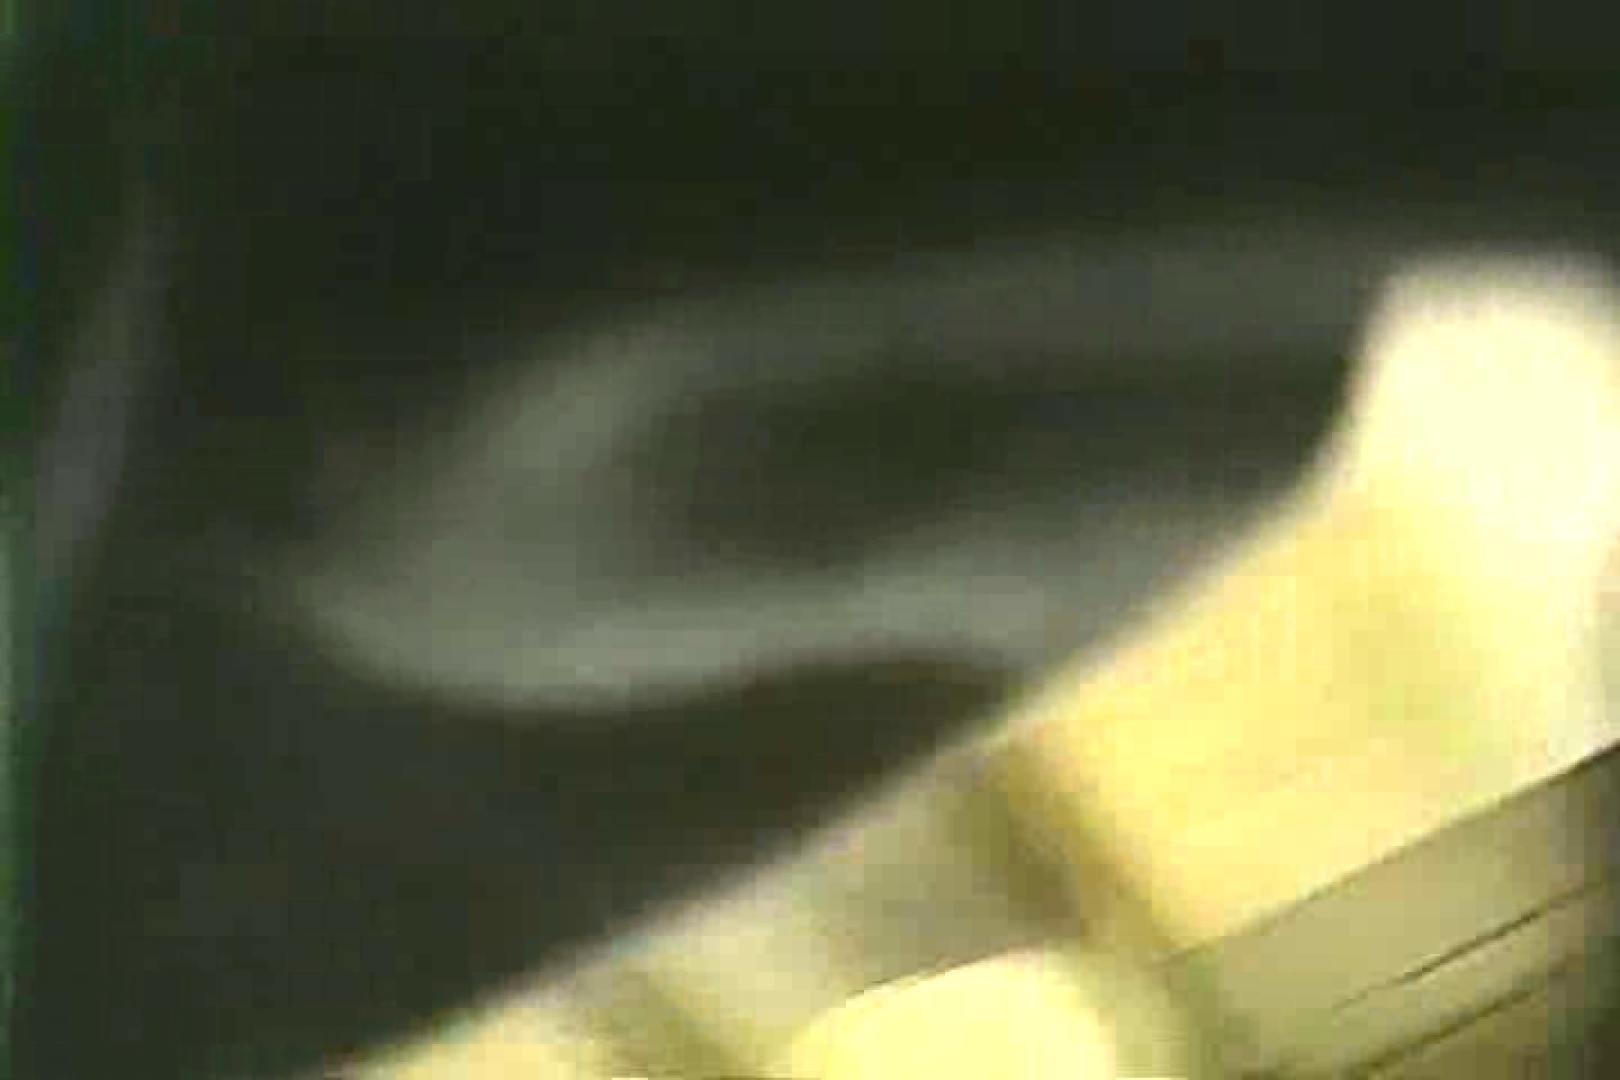 「ちくりん」さんのオリジナル未編集パンチラVol.9_02 チラ   パンチラのぞき  95画像 37